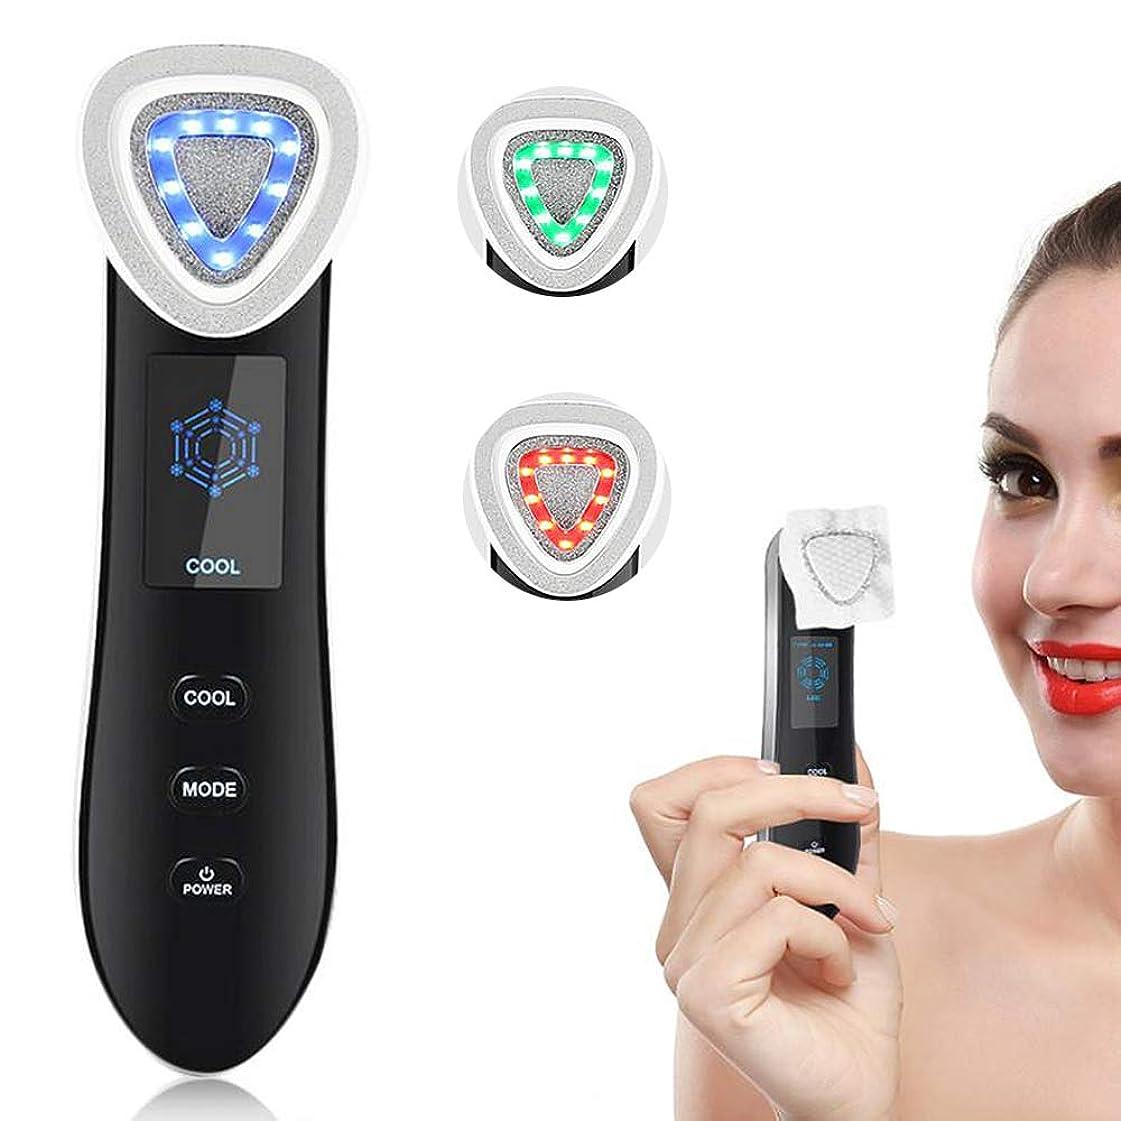 寛解クラフトアンタゴニスト美機械顔の皮 EMS RF の無線周波数 LED の装置のための皮のクリーニングの持ち上がることの若返りのしわの取り外し